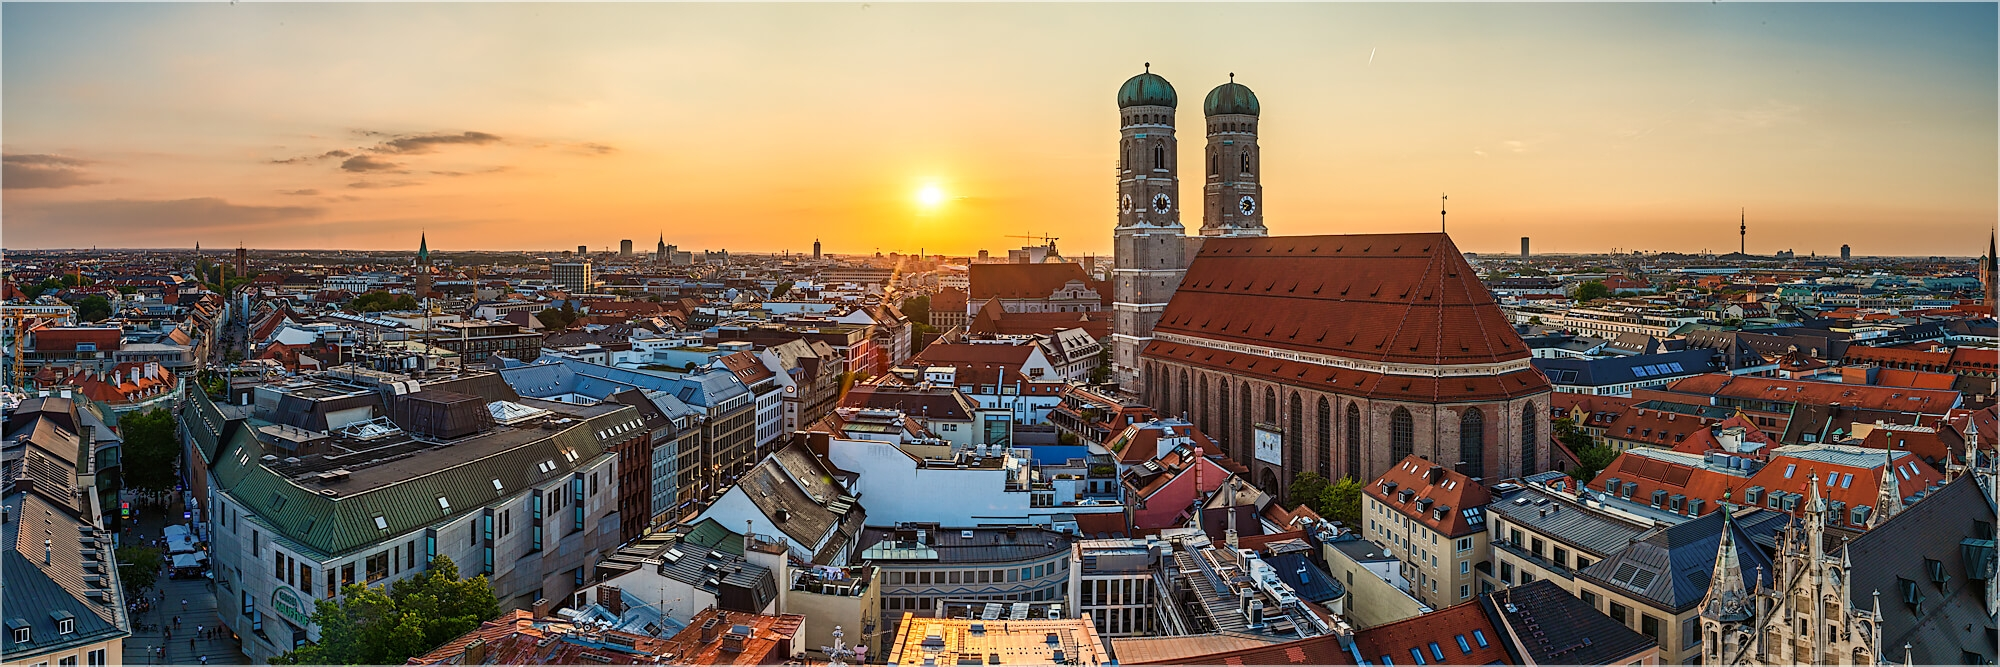 Panoramafoto Sonnenuntergang über München